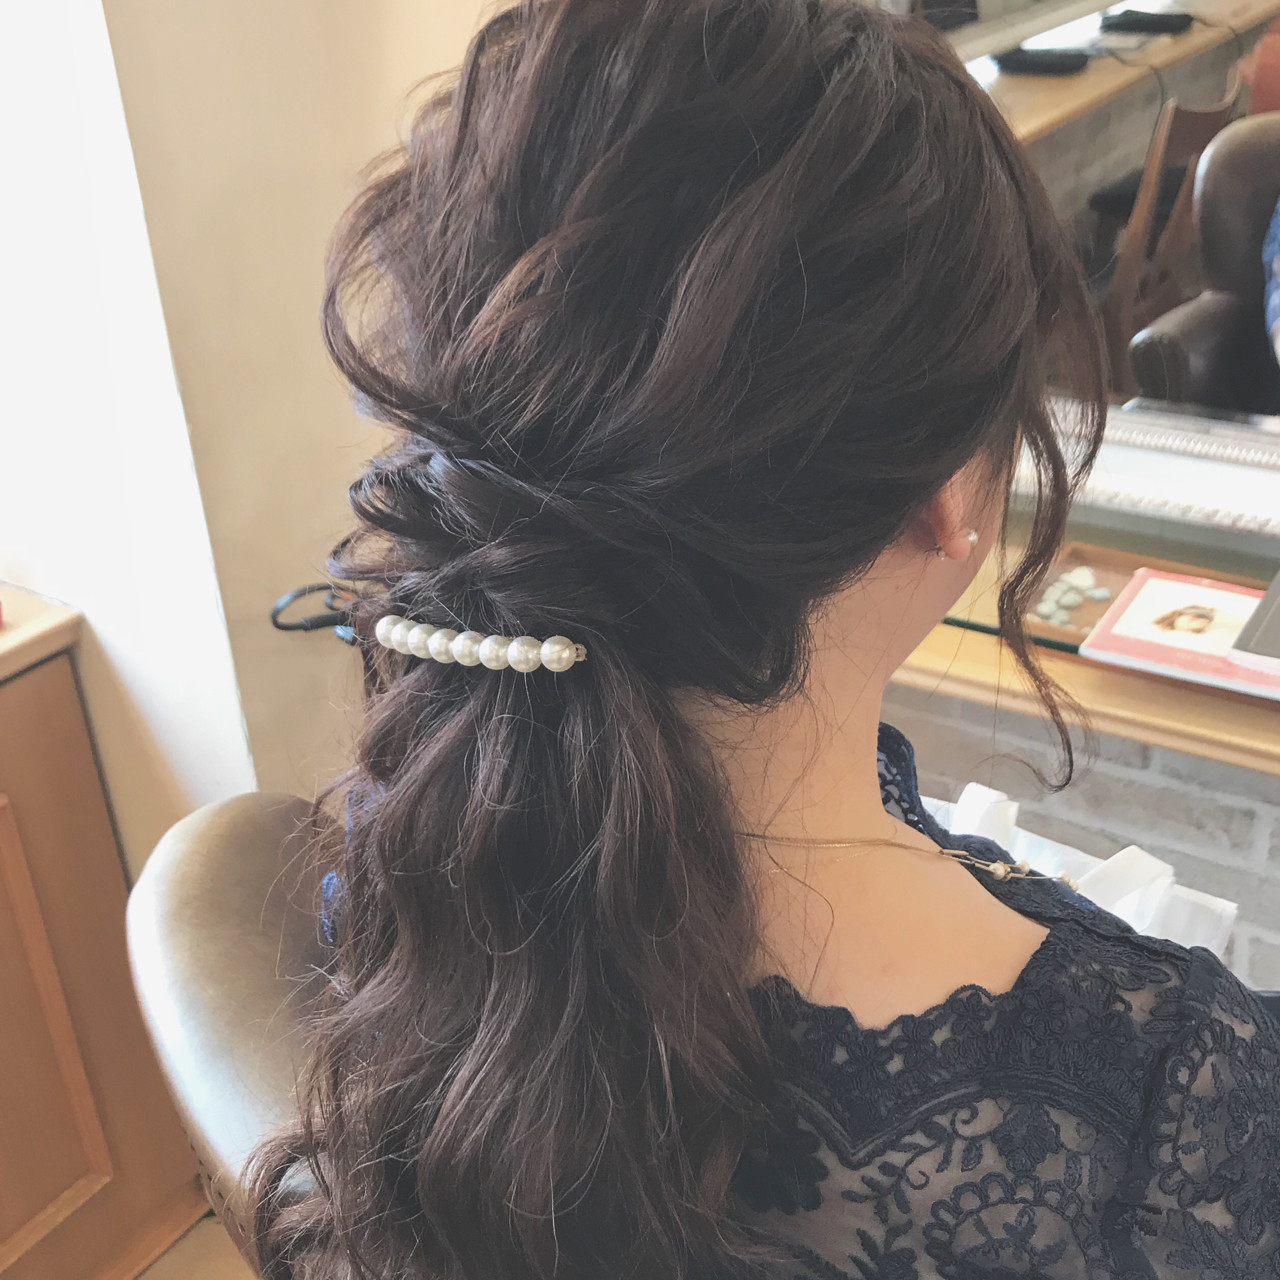 簡単ヘアアレンジ 結婚式 デート フェミニン ヘアスタイルや髪型の写真・画像 | ヤマキタ トシキ Neolive / Neolive CiroL.